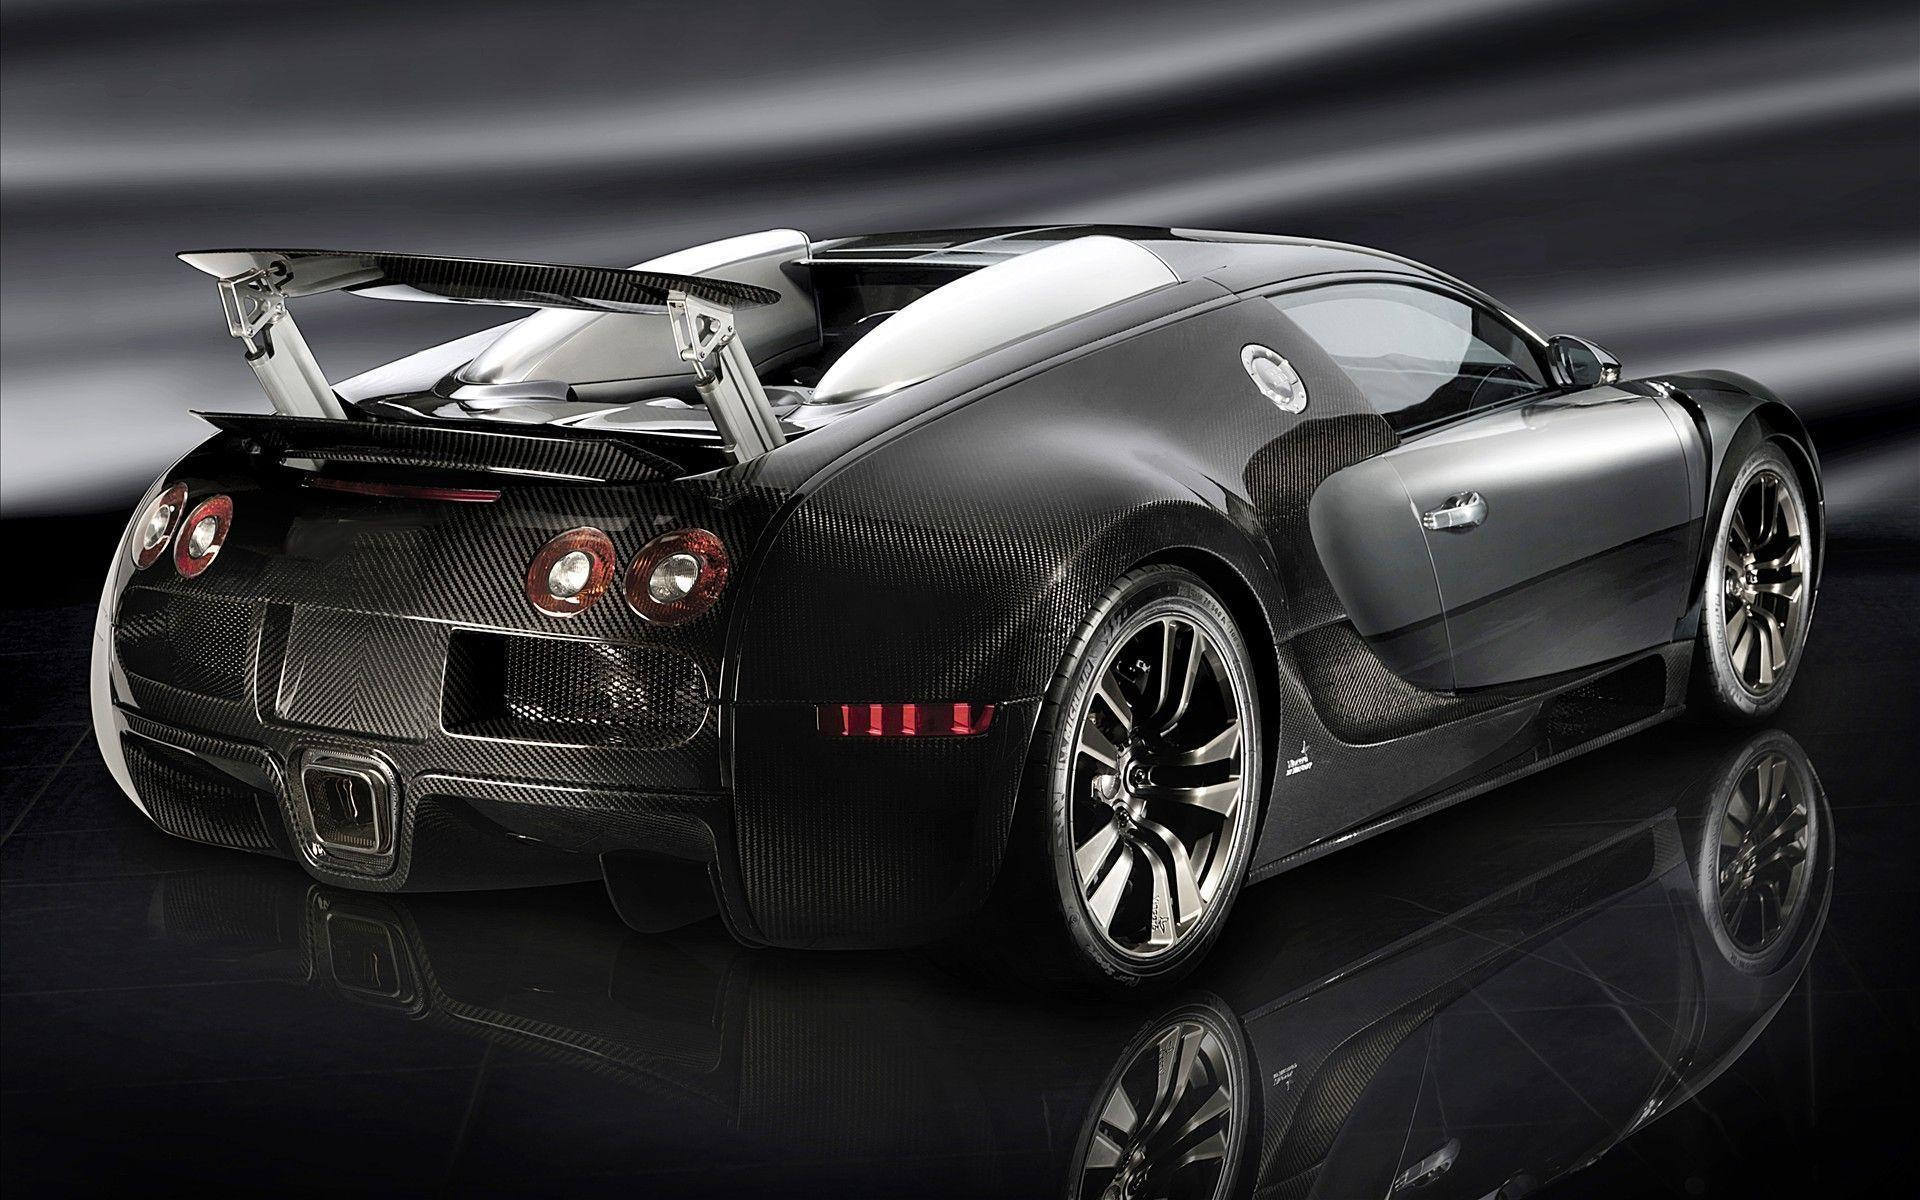 Bugatti Veyron Super Sport Full Hd Wallpaper: Bugatti Veyron HD Wallpapers